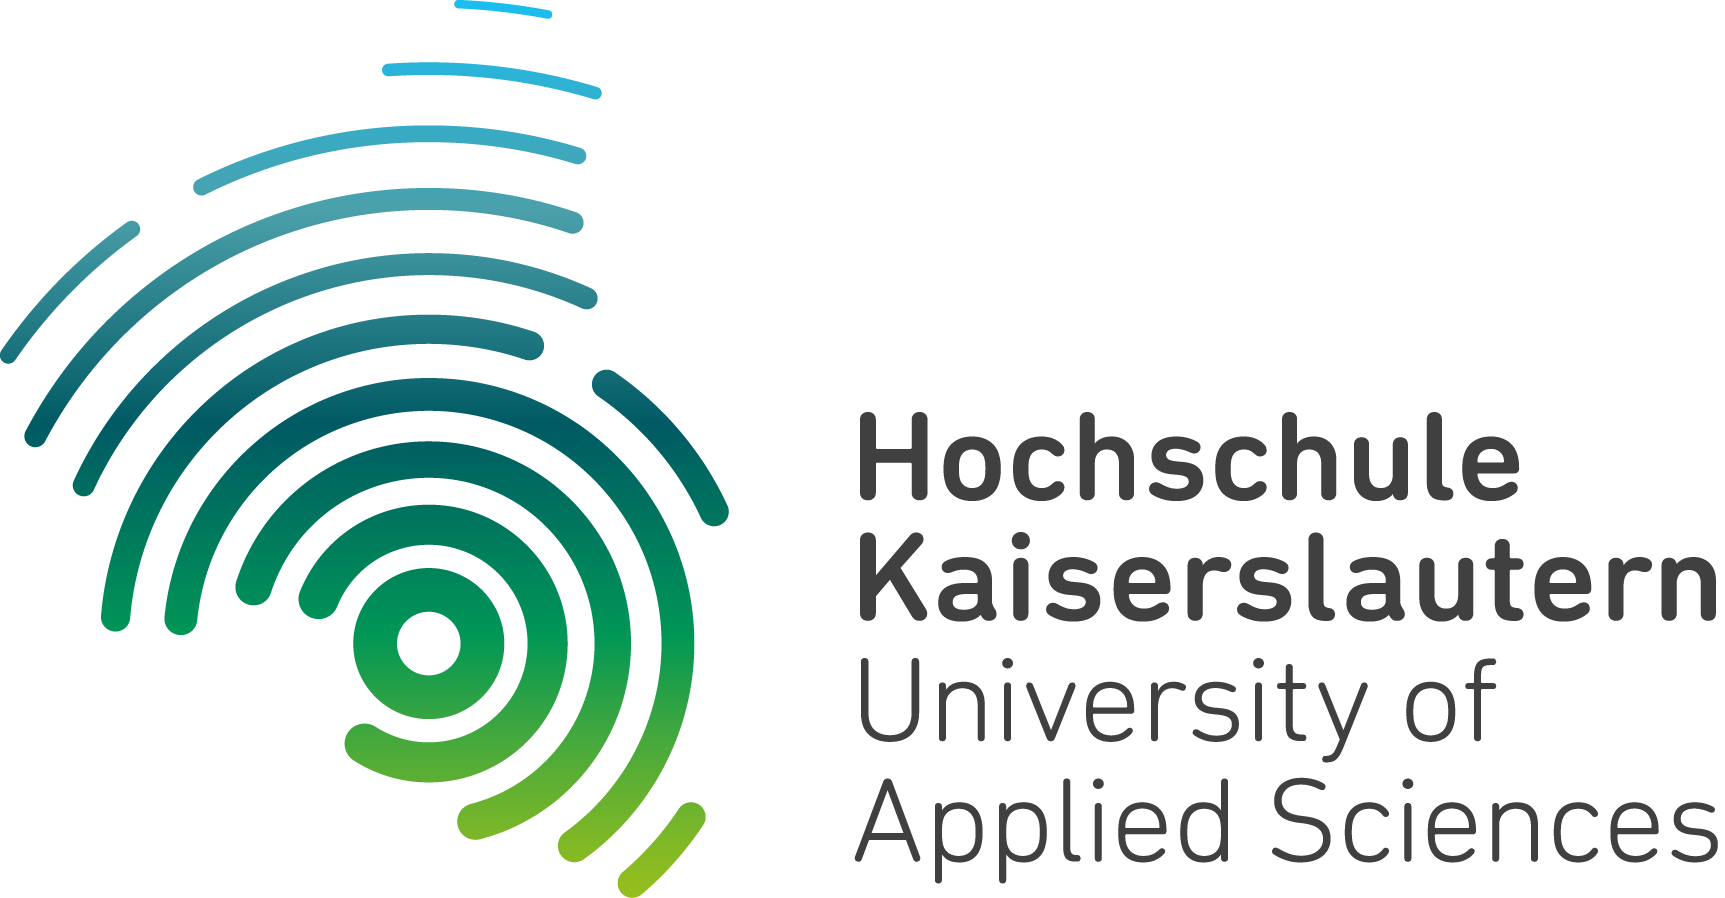 Hochschule Kaiserslautern - ein Kooperationspartner der CVC GmbH